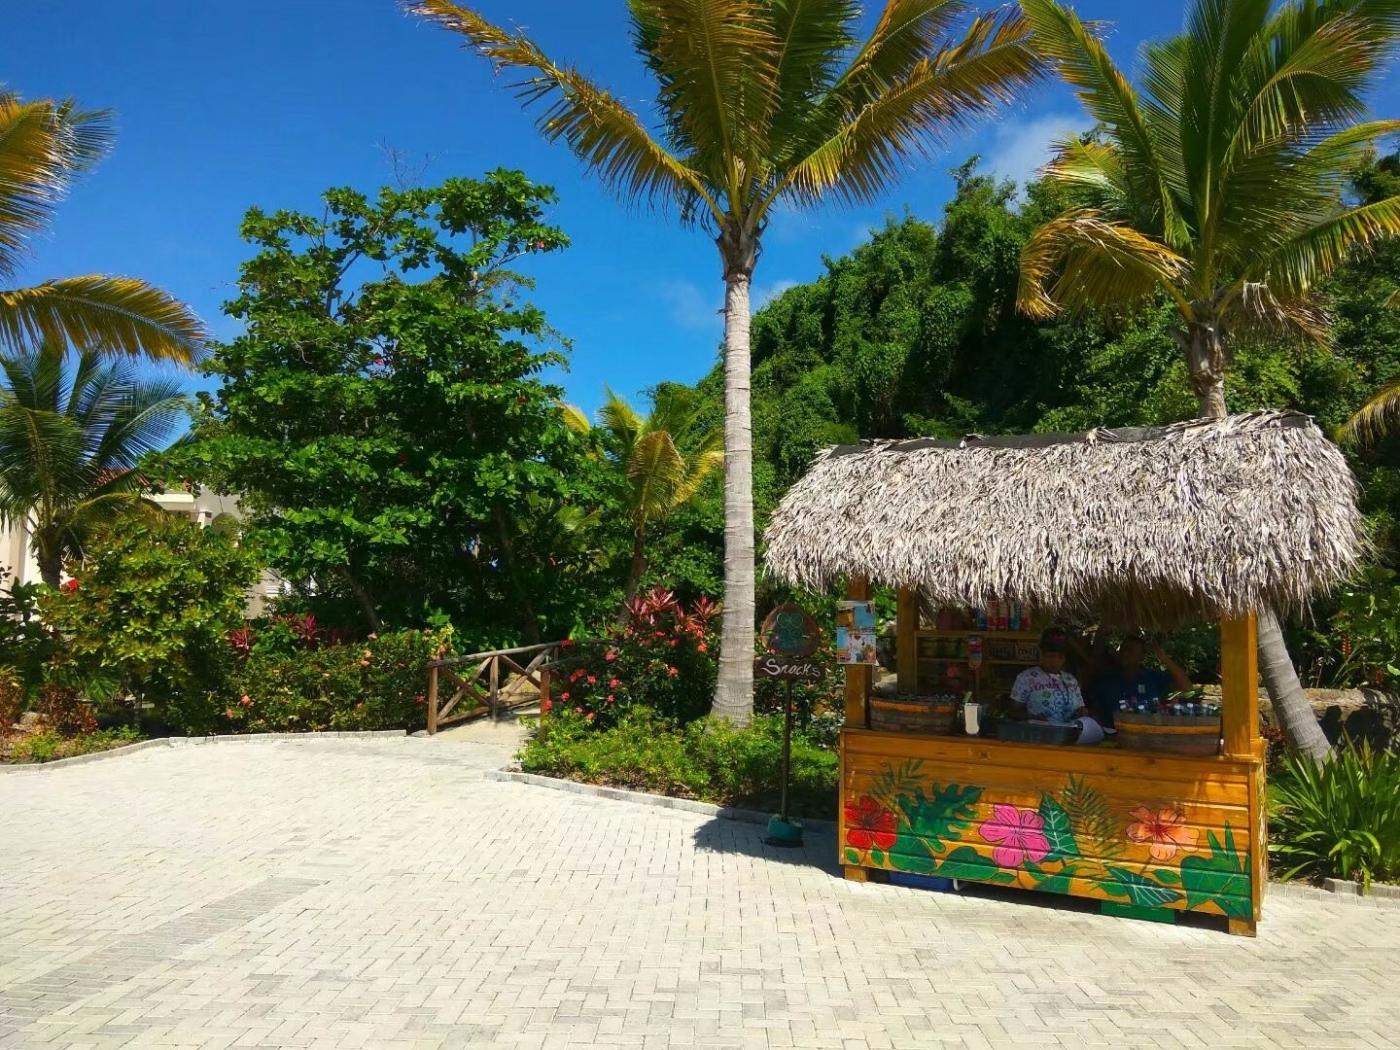 多米尼加有个琥珀湾(图)_图1-18